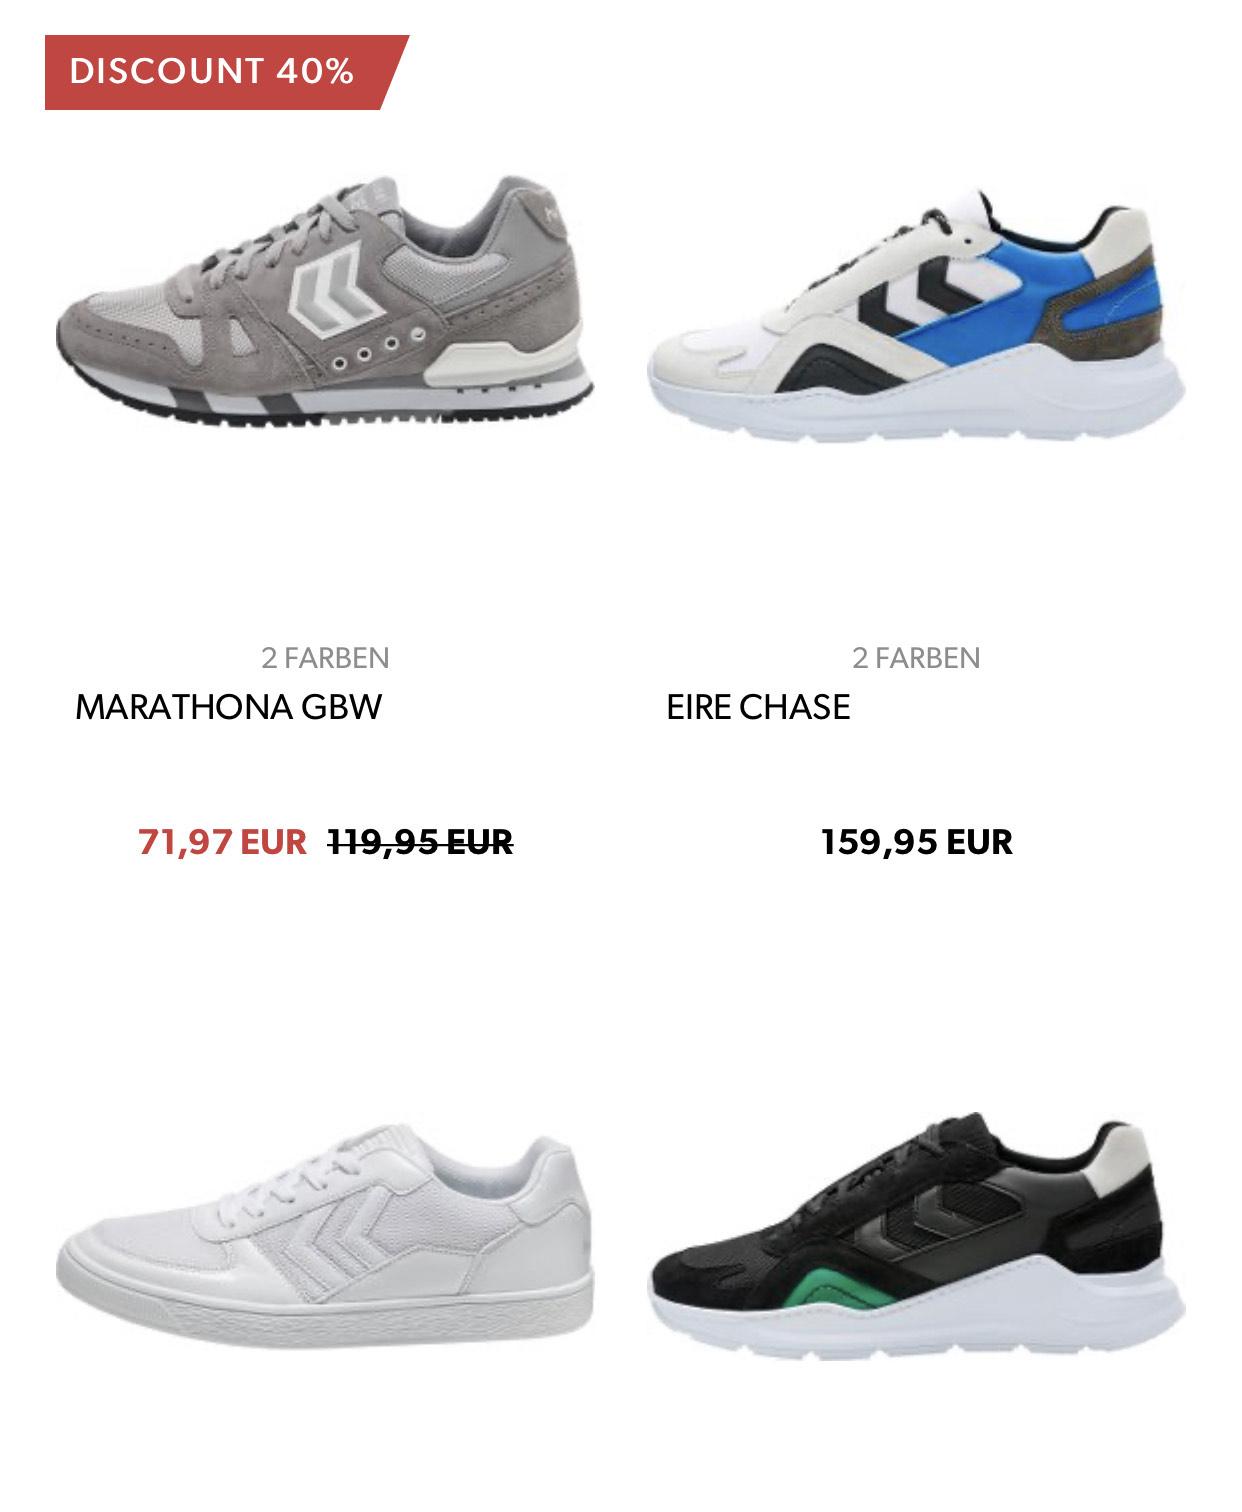 15€ Sparen beim Kauf von Hummel Sneaker/ Schuhe